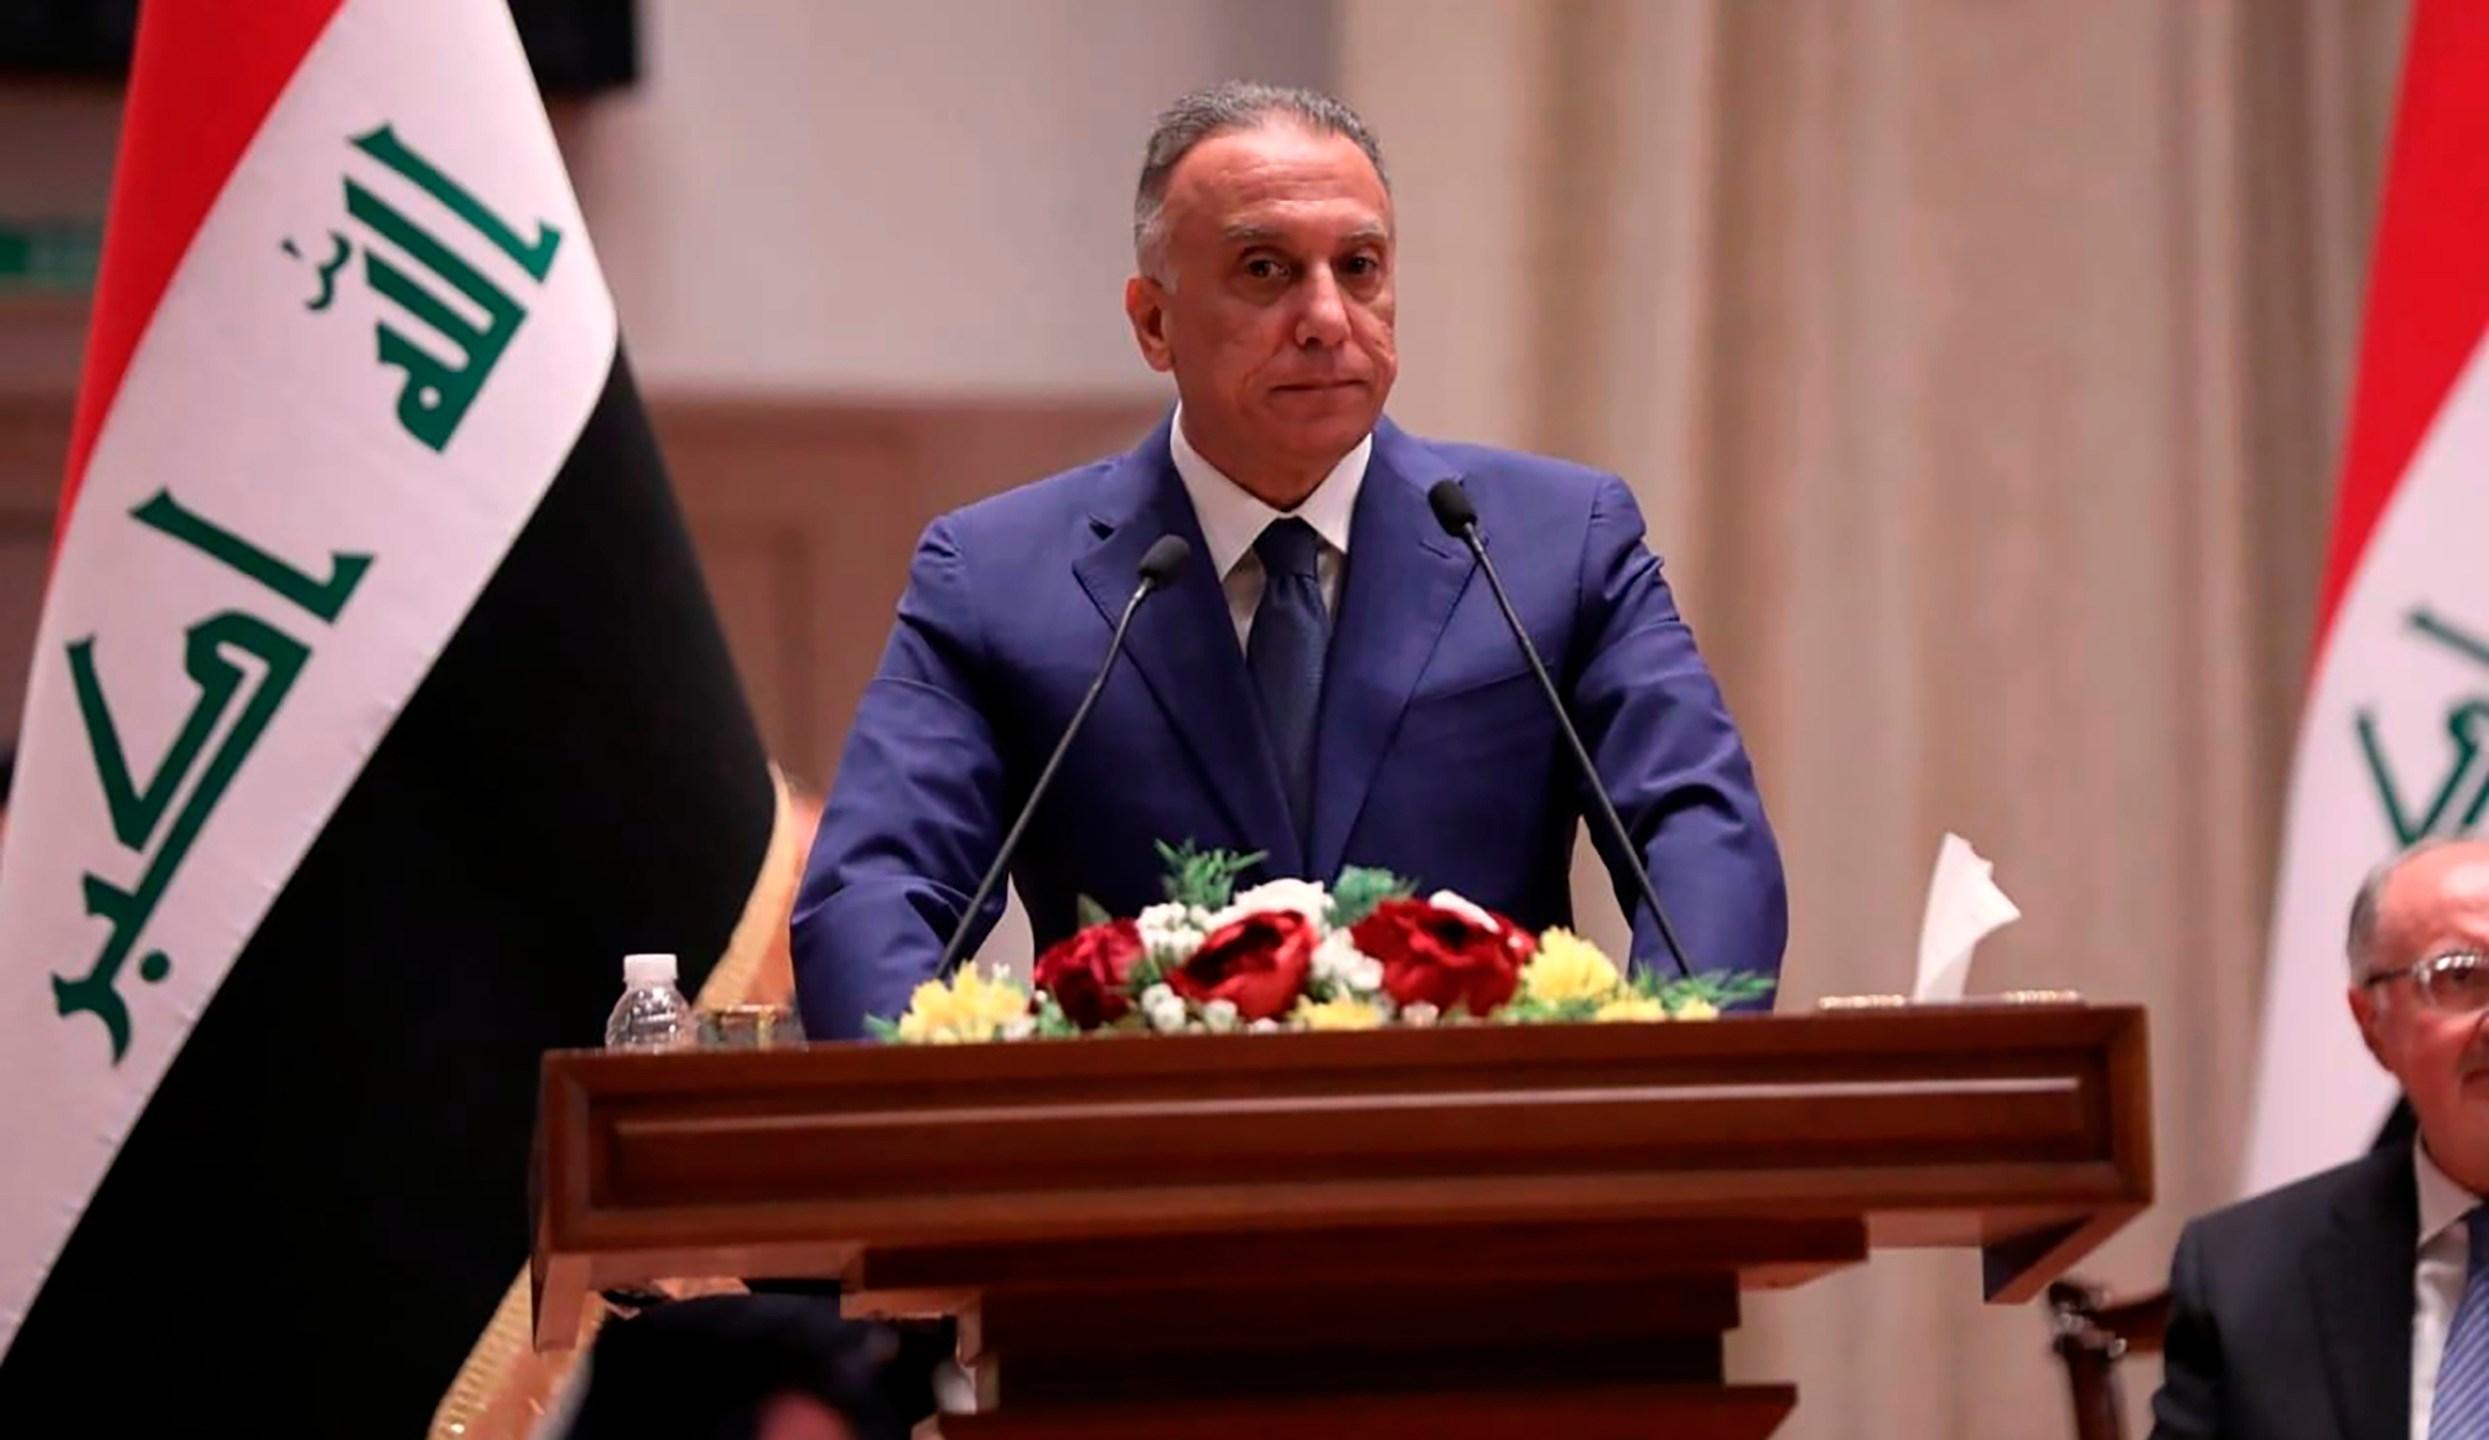 Mustafa al-Kahdimi